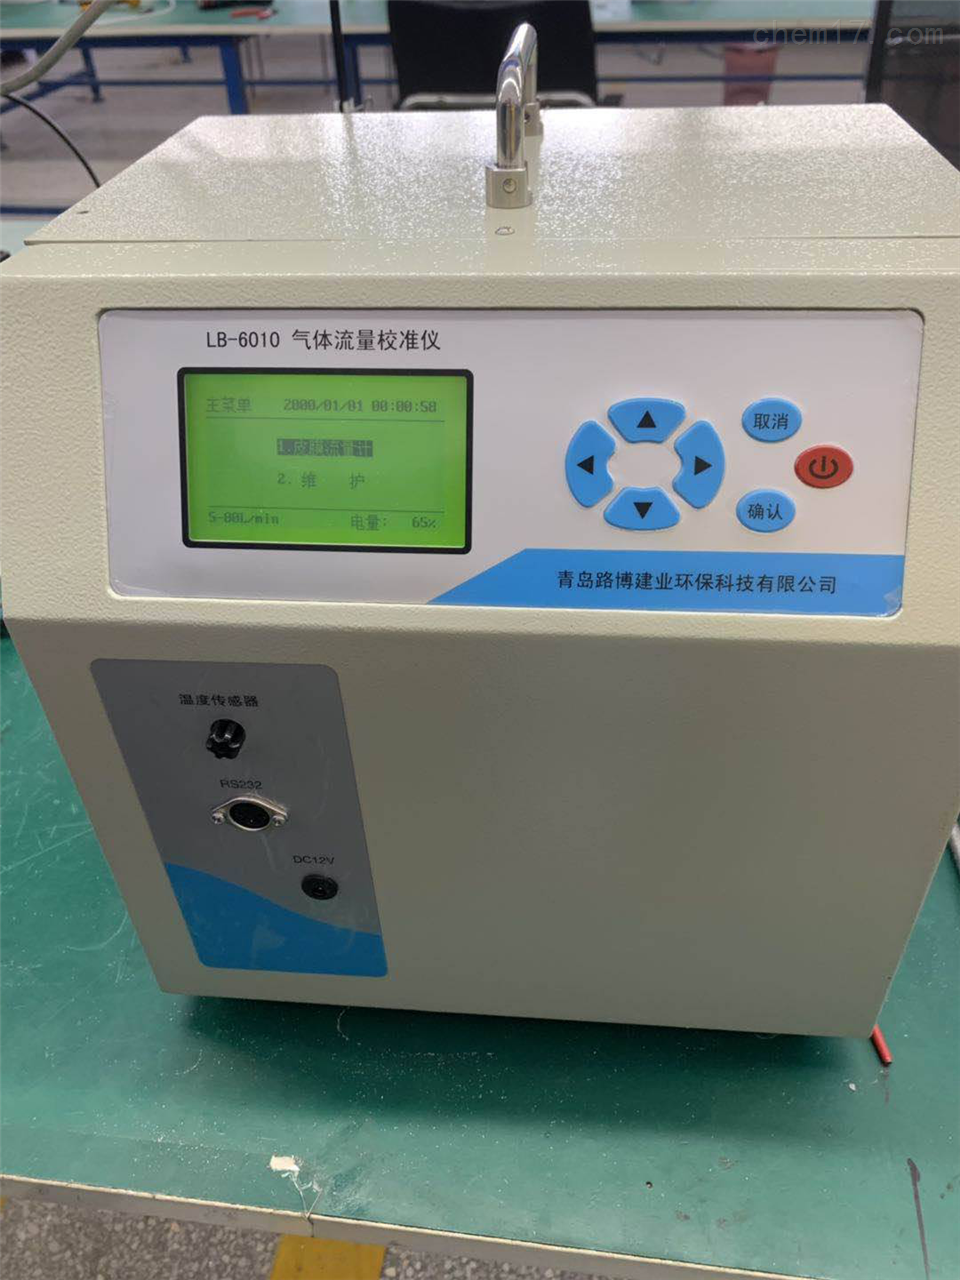 MC-6015型便携式综合流量压力校准仪